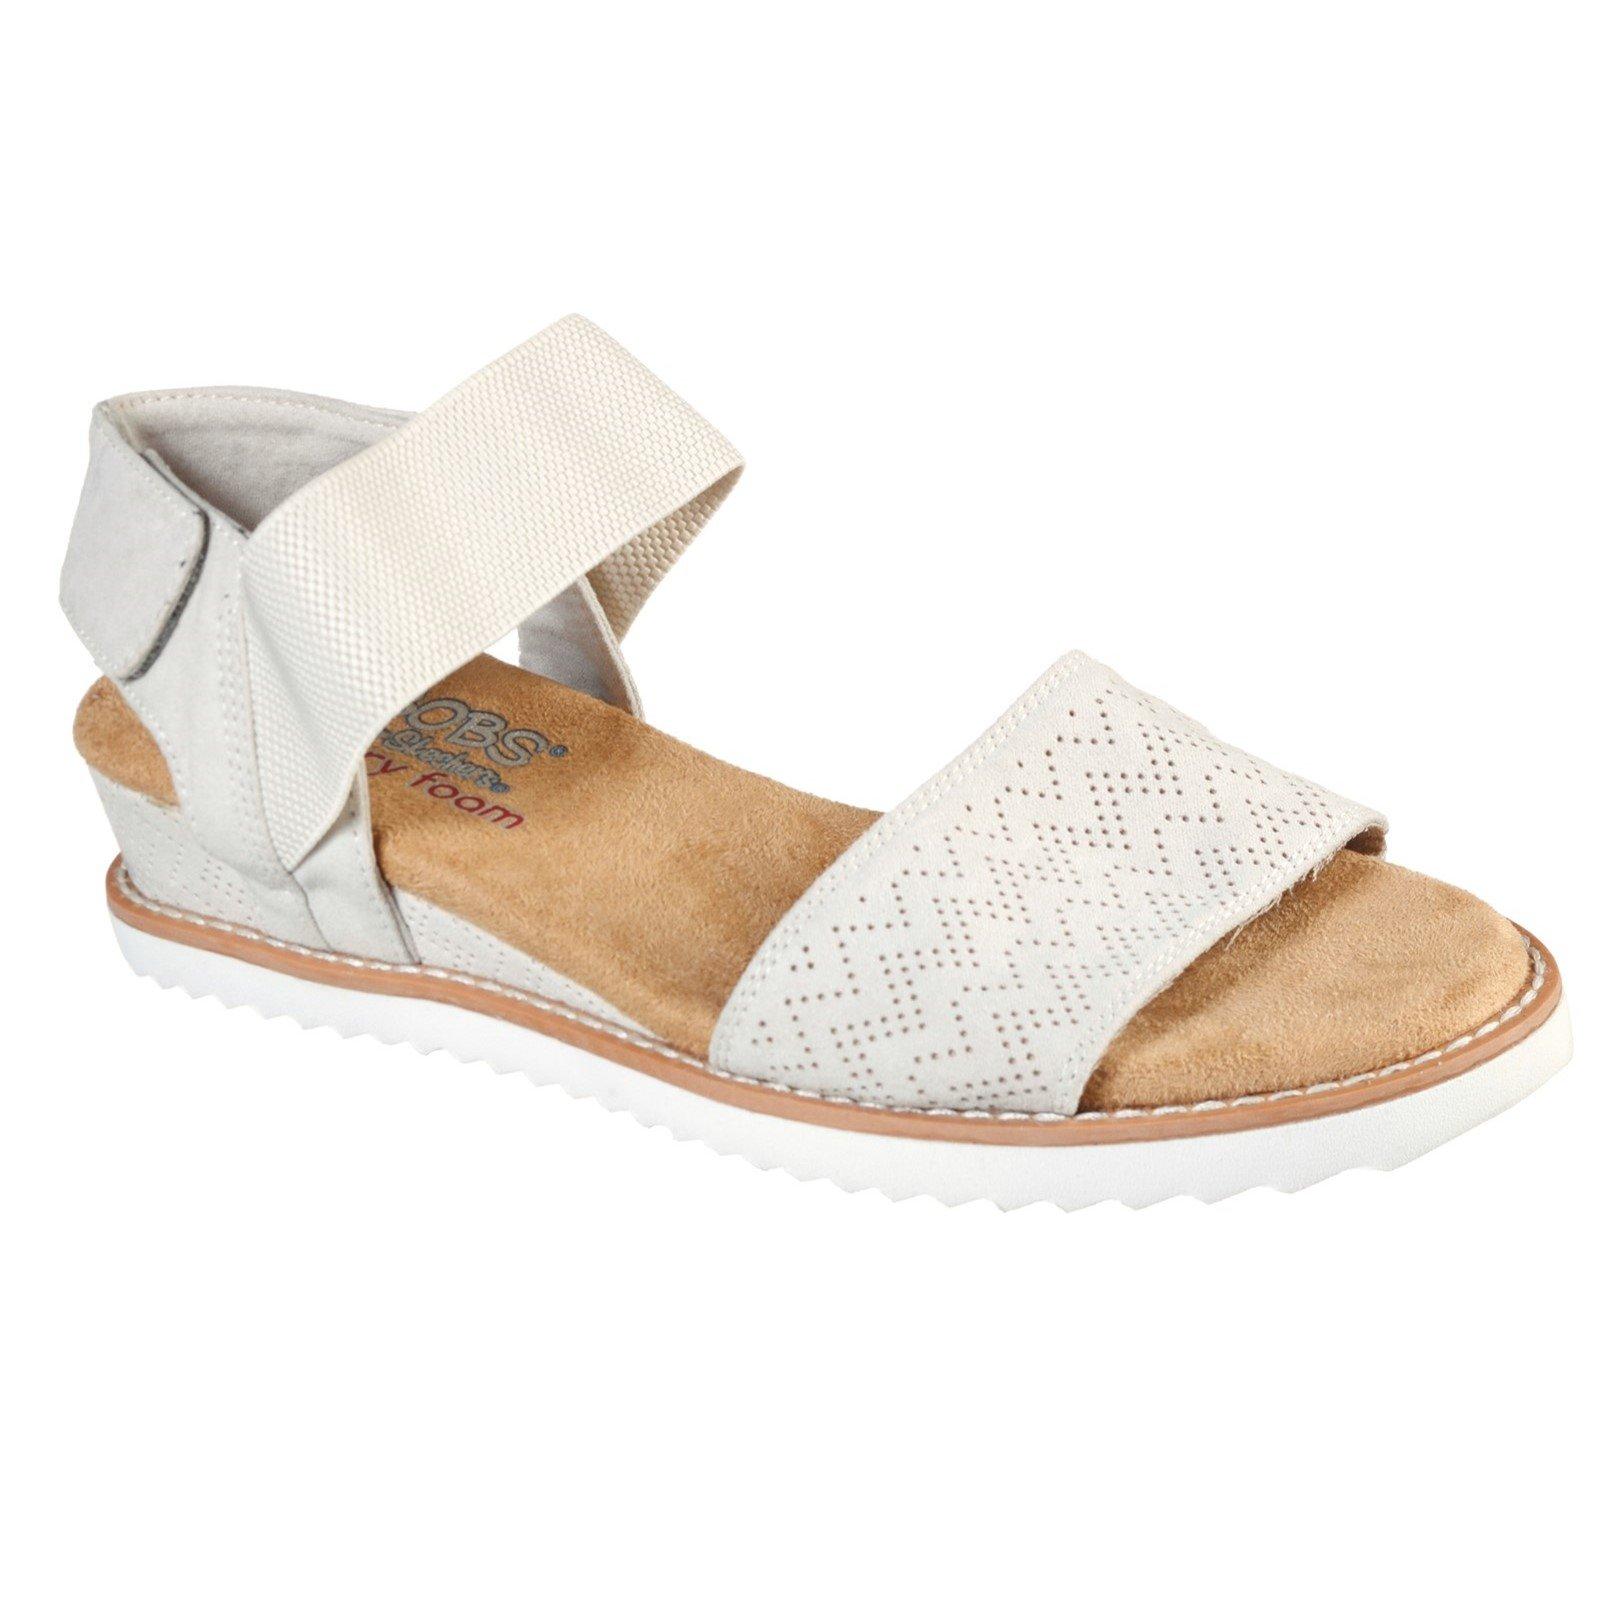 Skechers Women's Desert Kiss Sandals White 33120 - Off White 4